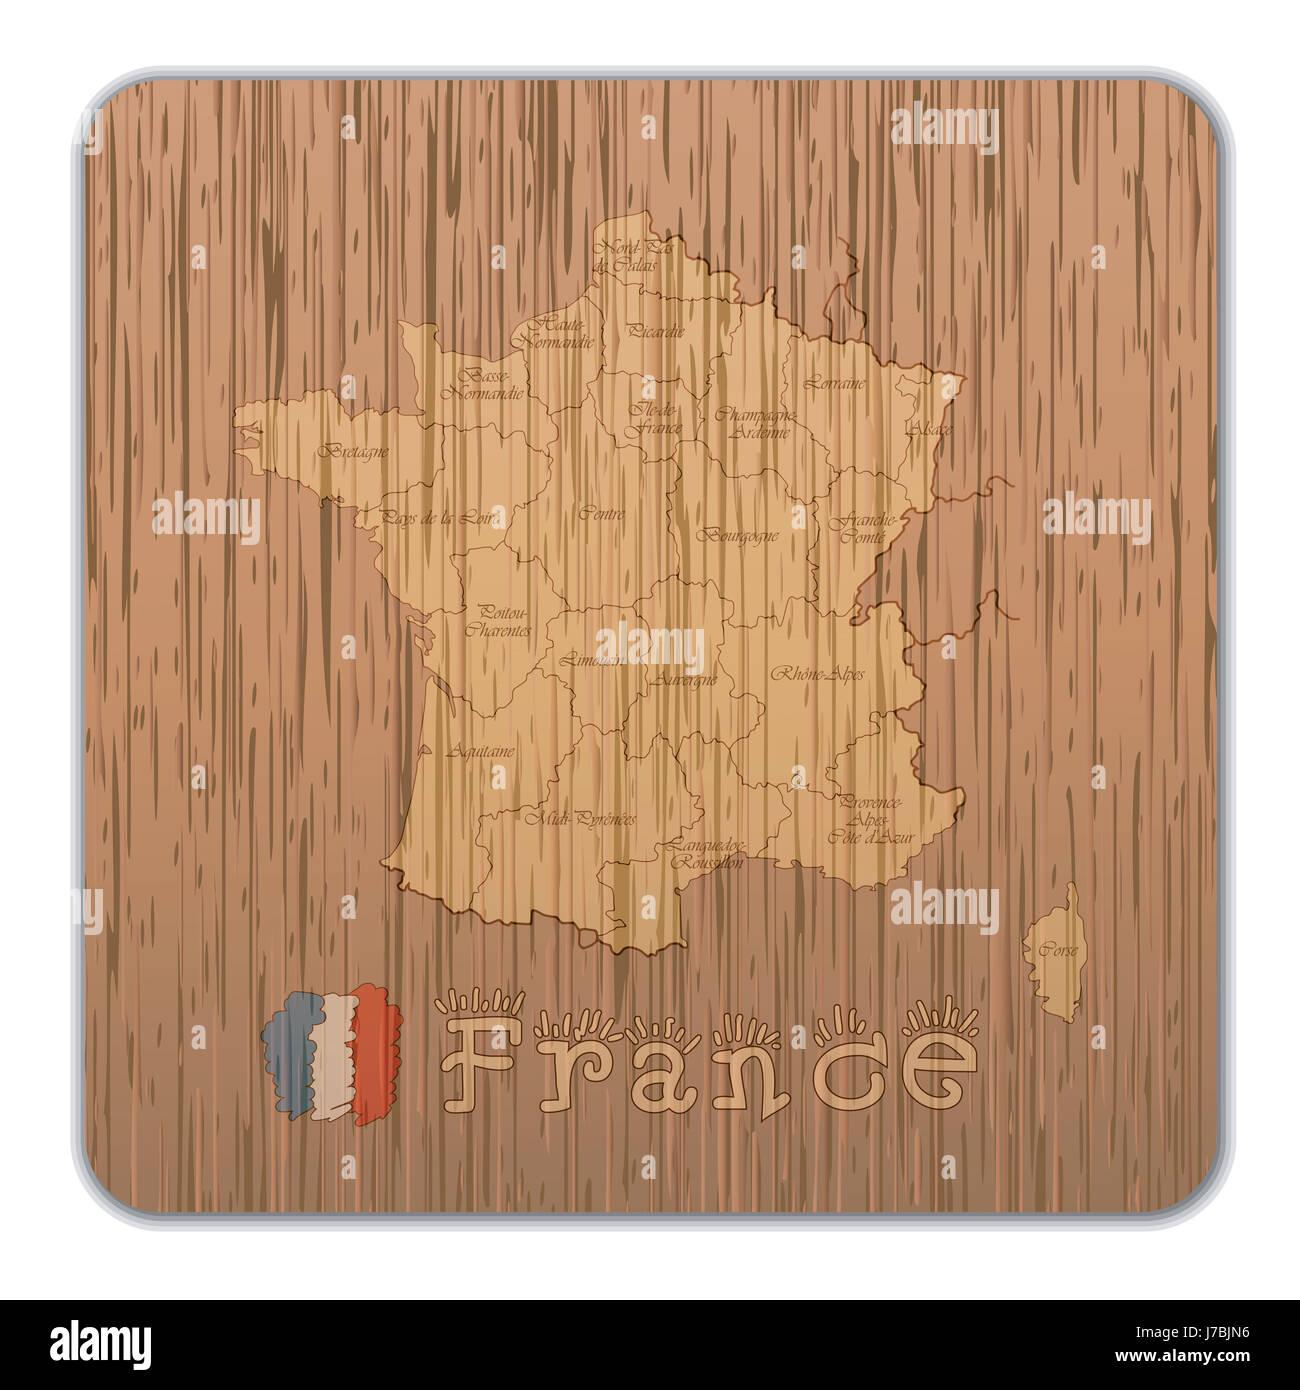 Illustration du bois pays france la cartographie atlas des cartes carte du monde art Photo Stock